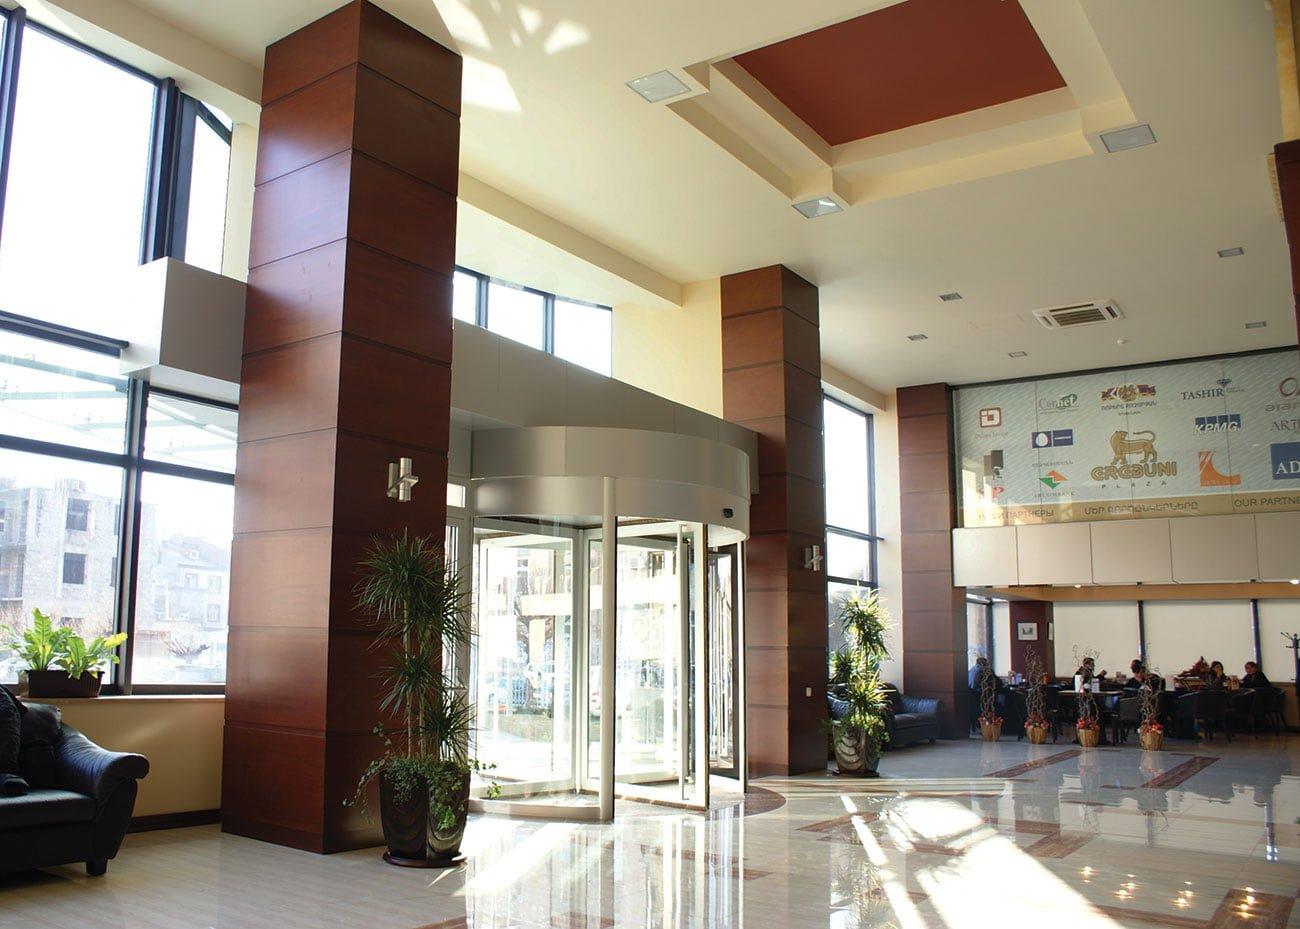 фойе с панорамными окнами в ЭРЕБУНИ ПЛАЗА Бизнес центр класса люкс